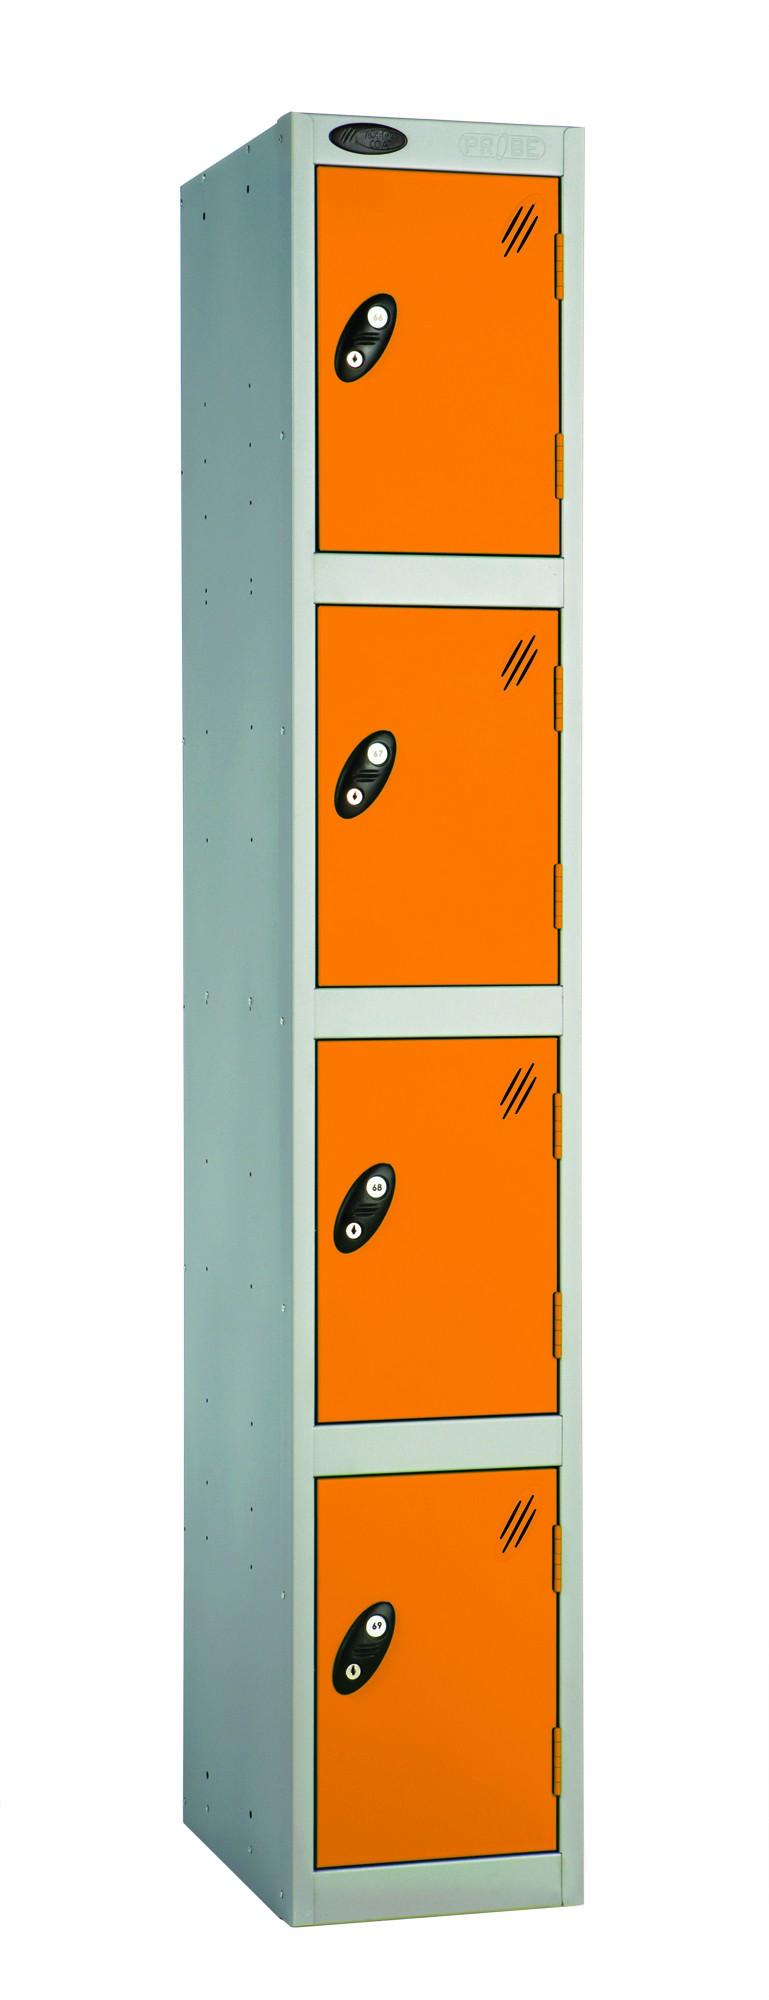 Colour Range Four Doors Locker